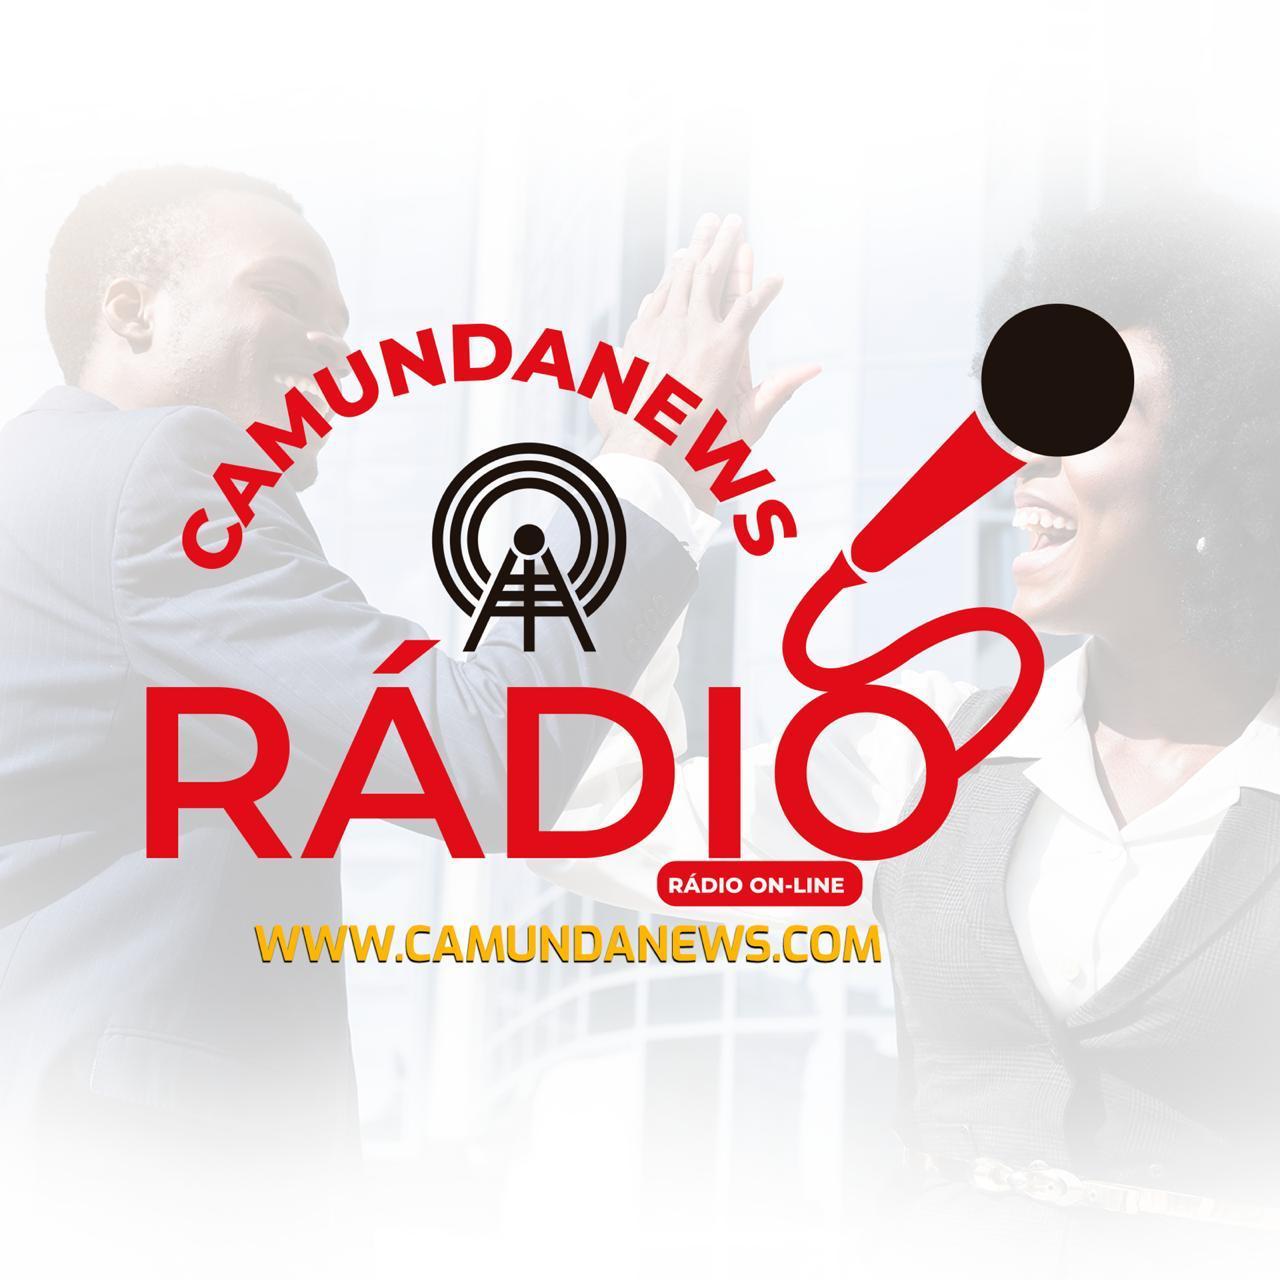 Camundanews